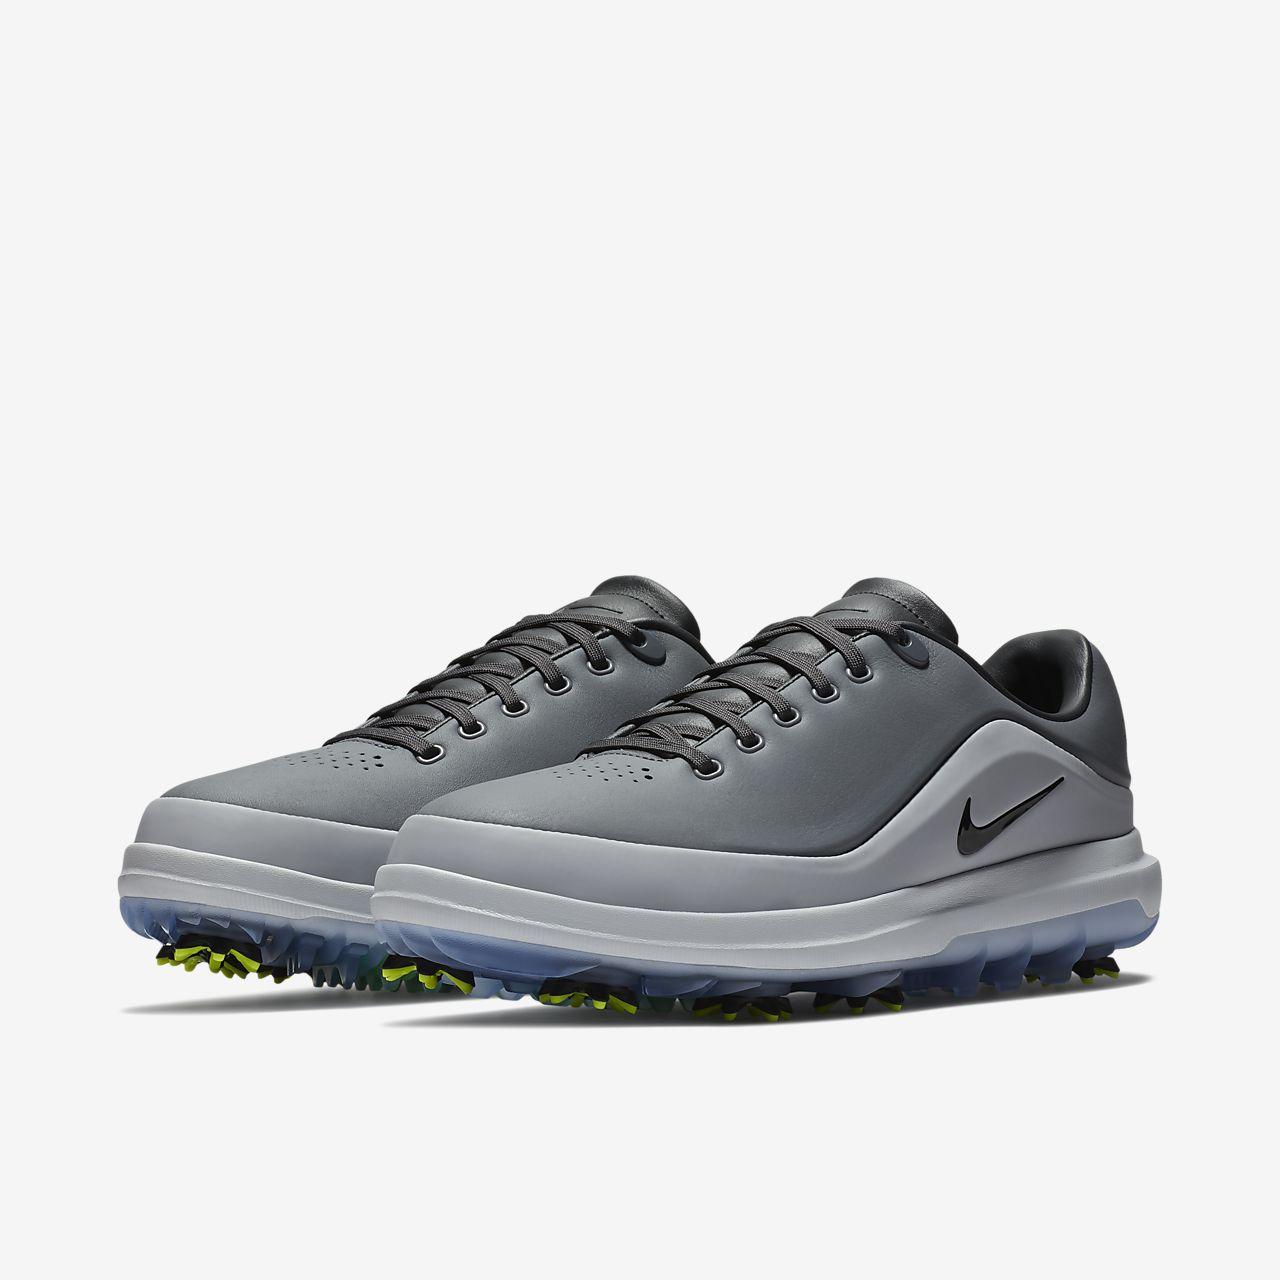 ba21c30f15a0 Nike Air Zoom Precision Men s Golf Shoe. Nike.com FI